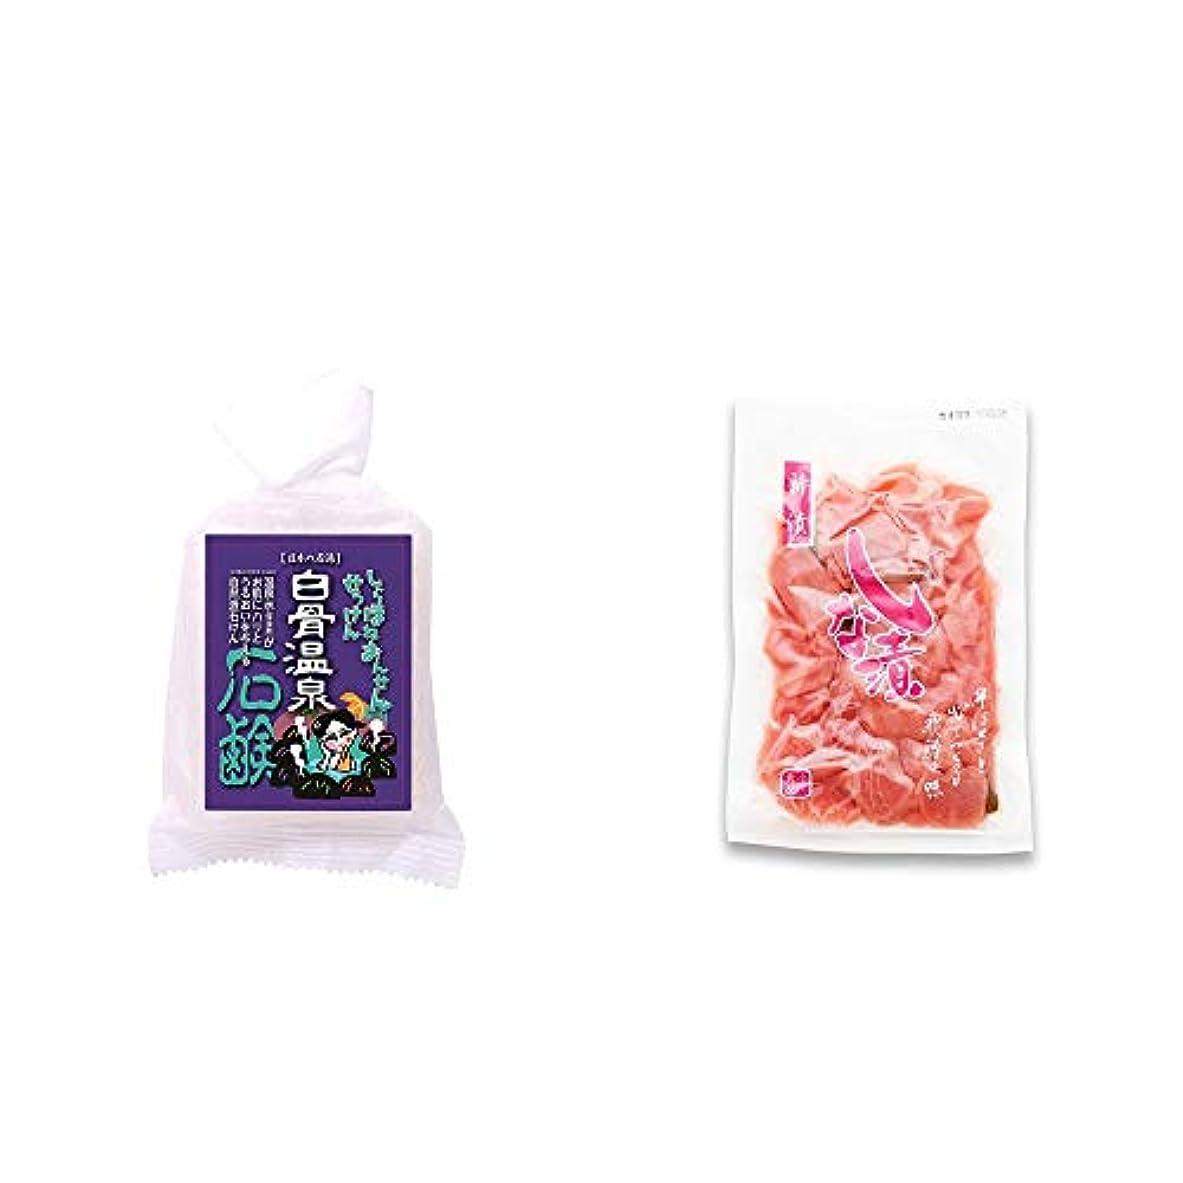 慎重品揃えグレード[2点セット] 信州 白骨温泉石鹸(80g)?しな漬け(160g)